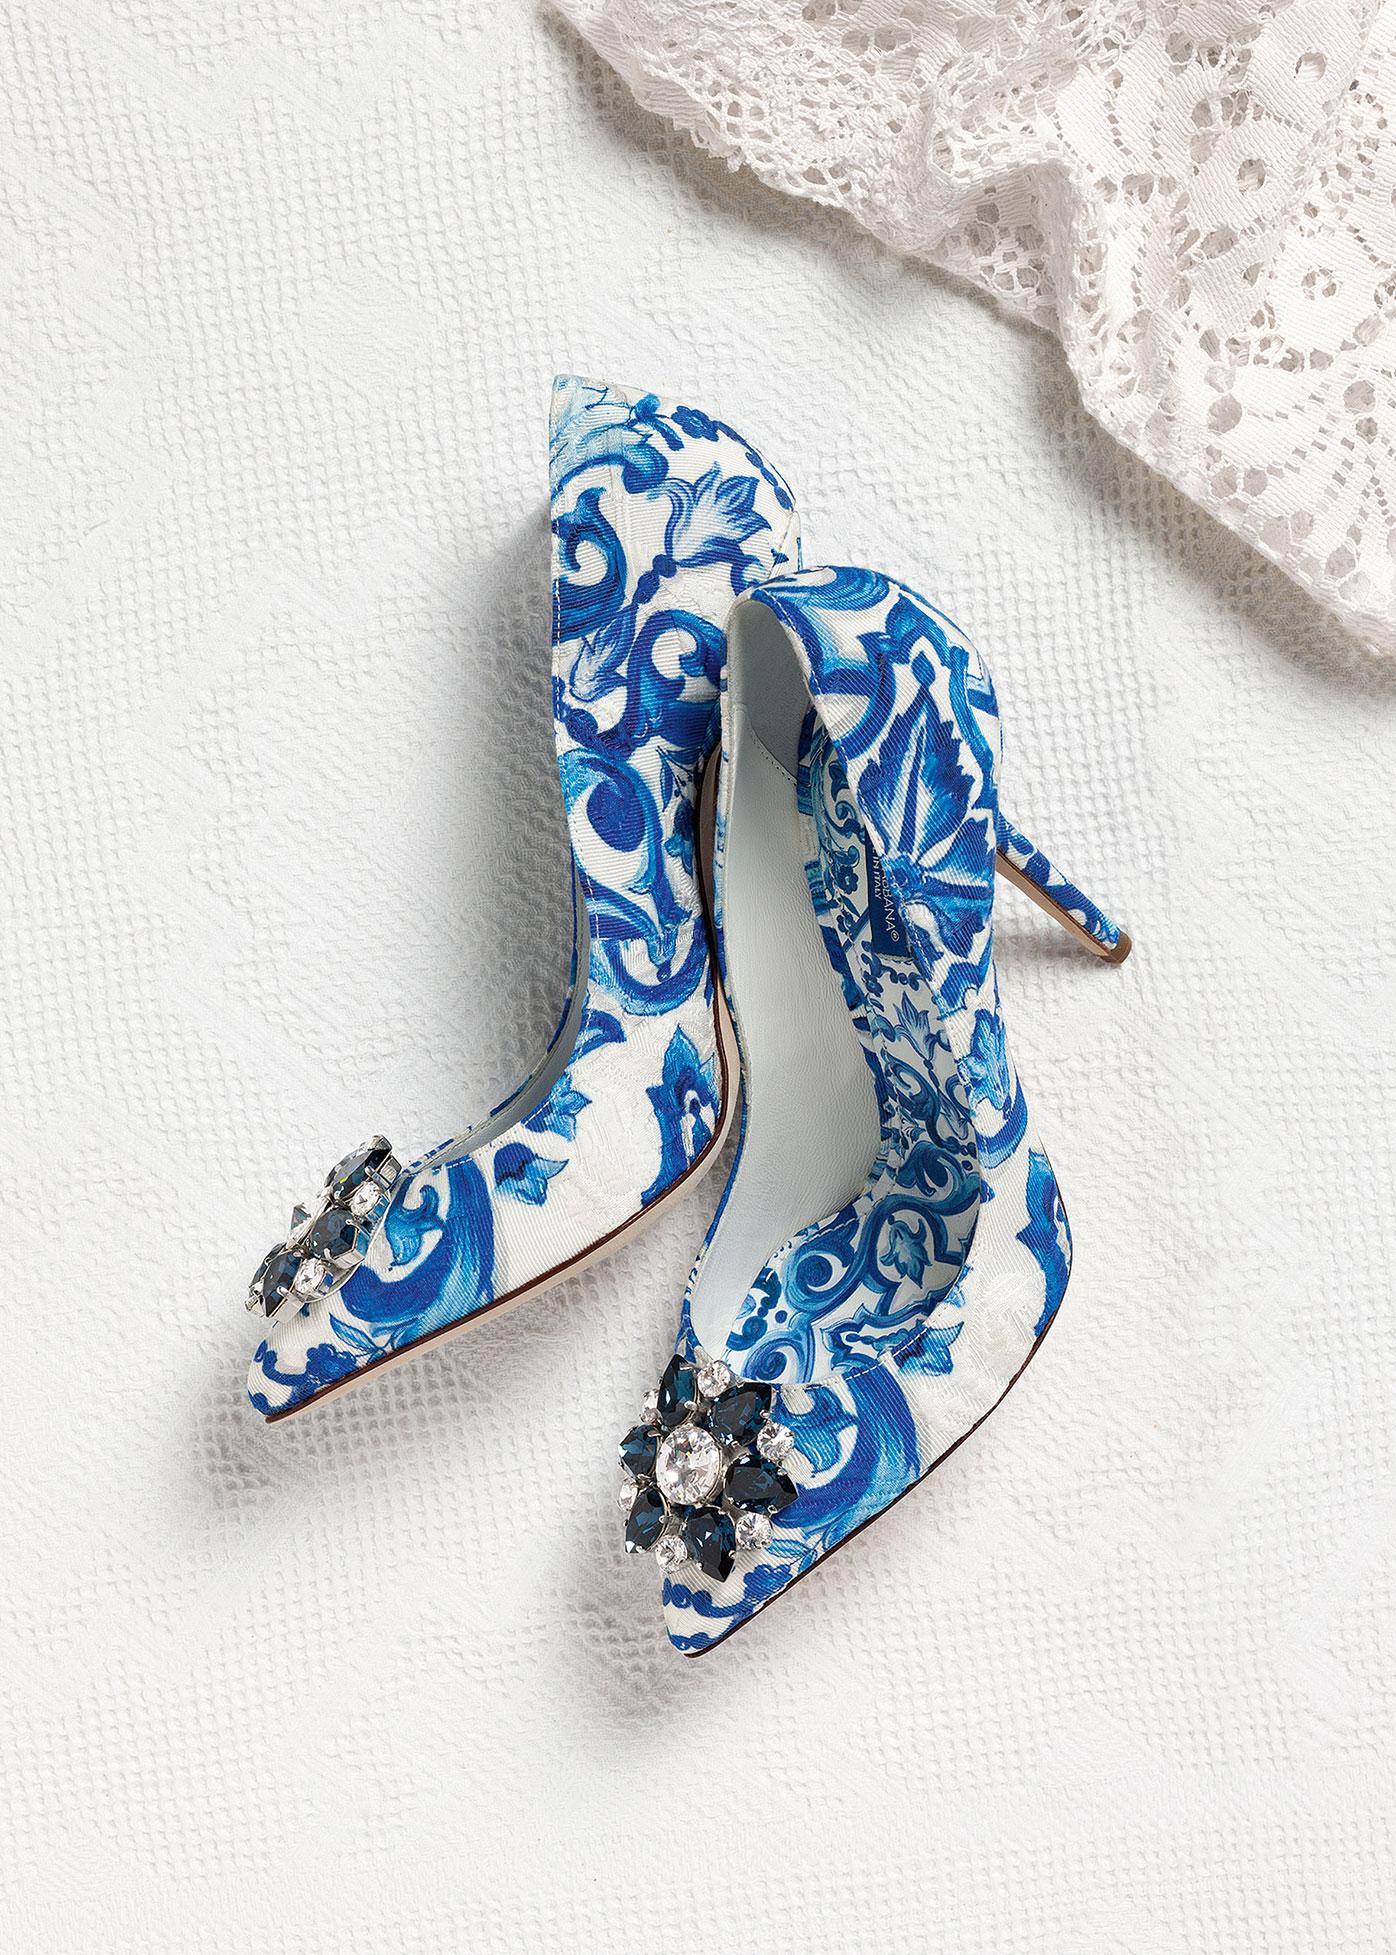 Scarpe sposa gioiello Dolce Gabbana 2016